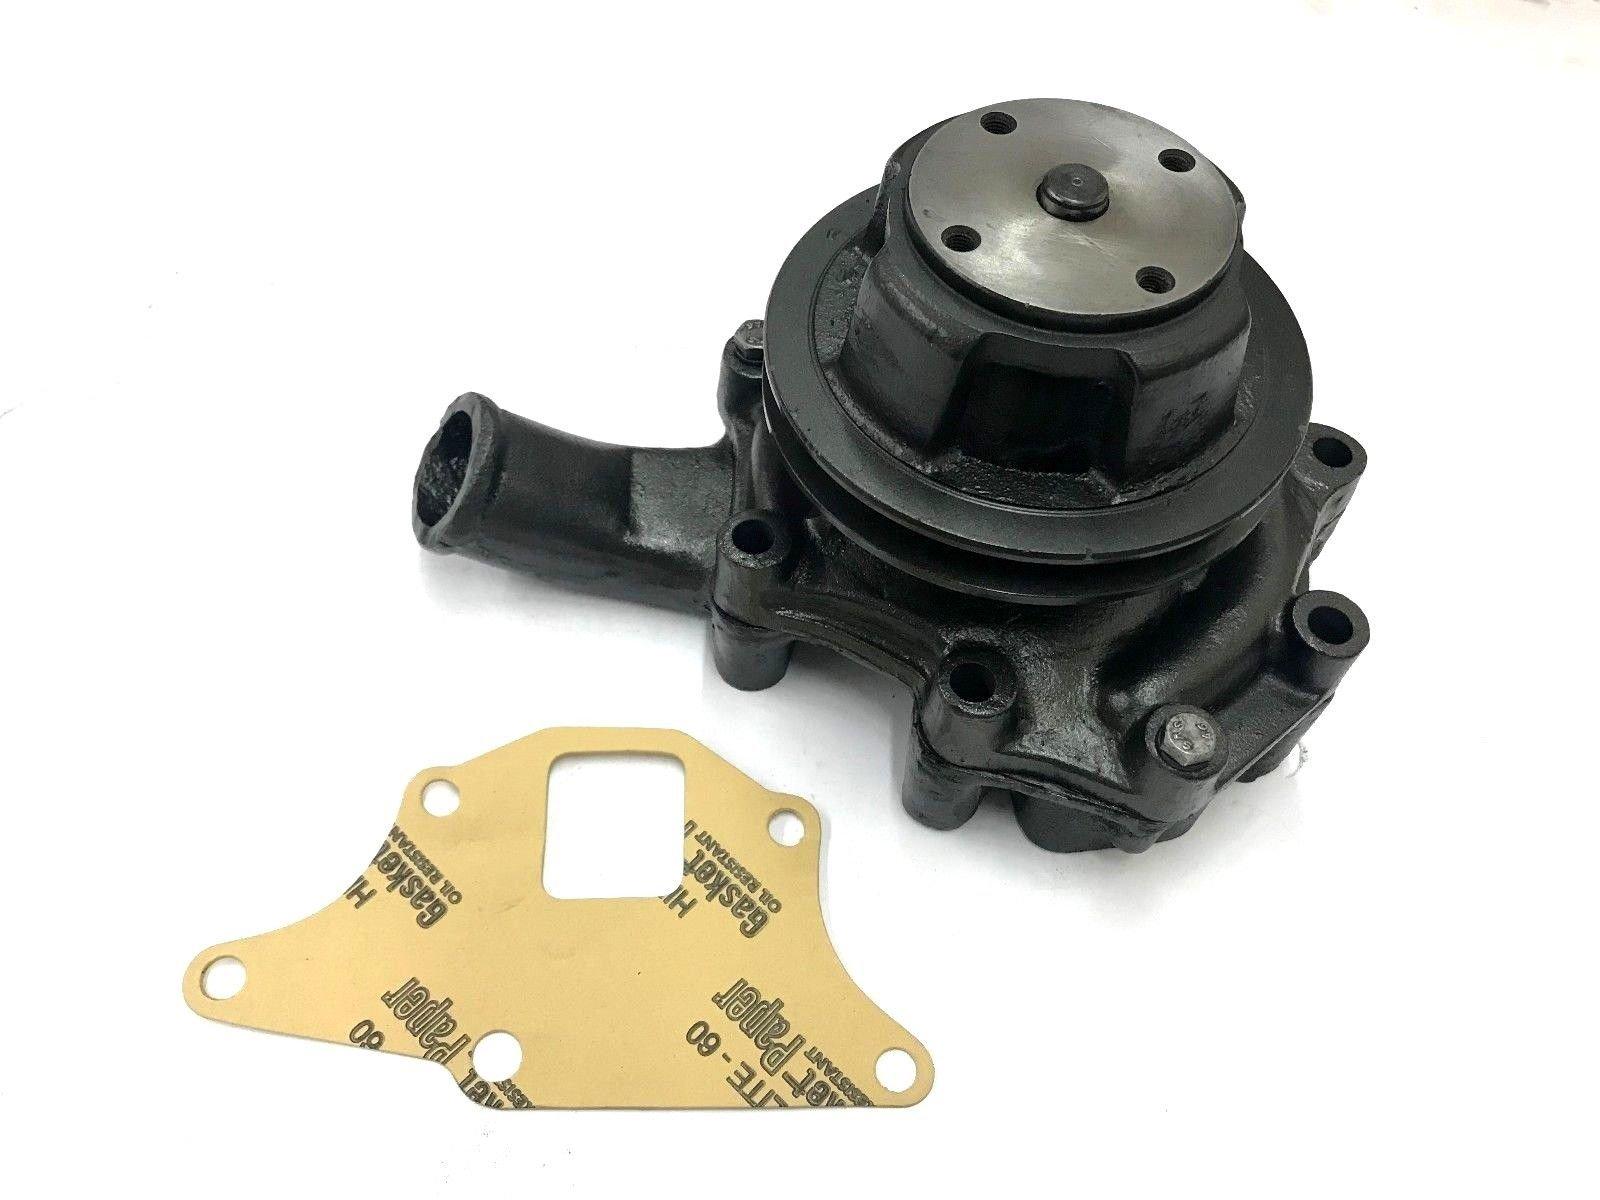 71rVZPOsICL._SR500500_ ford 3930 tractor parts amazon com